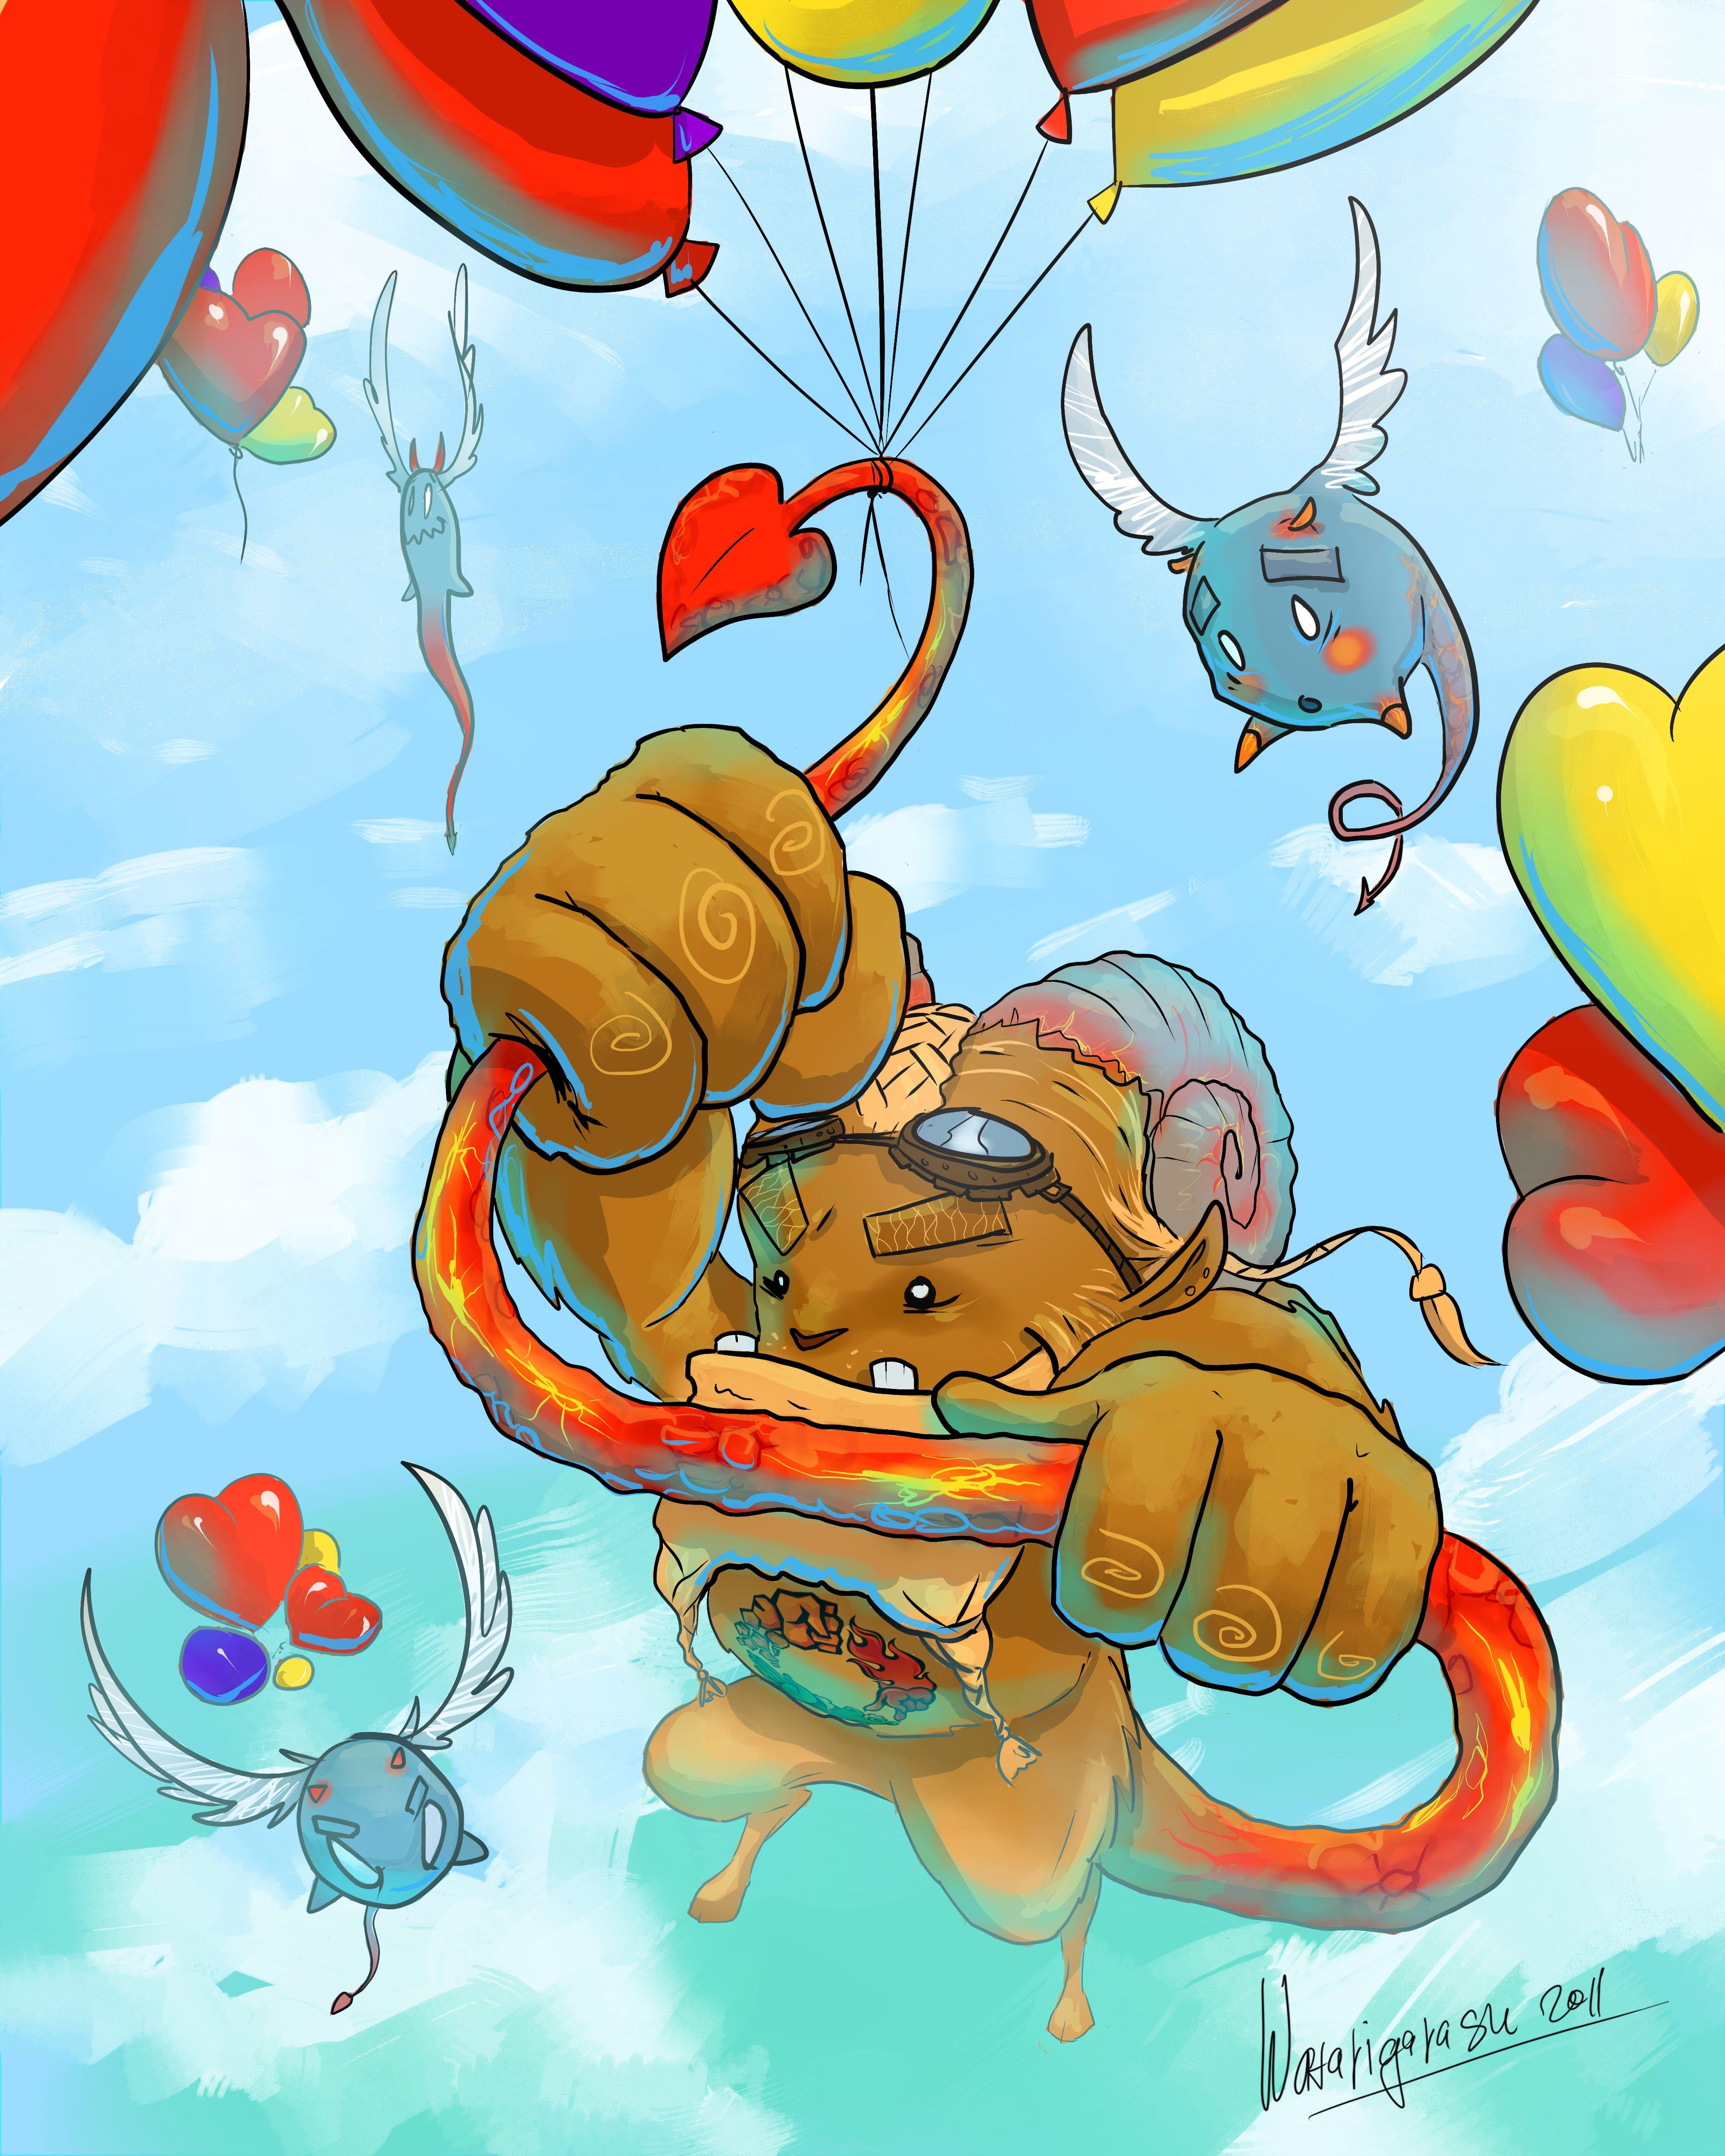 Вчера во сне я увидел Дух Канобу - Канобух) Сегодня он решил всех поздравить с 14 февраля! Любите и будьте любимыми. - Изображение 1